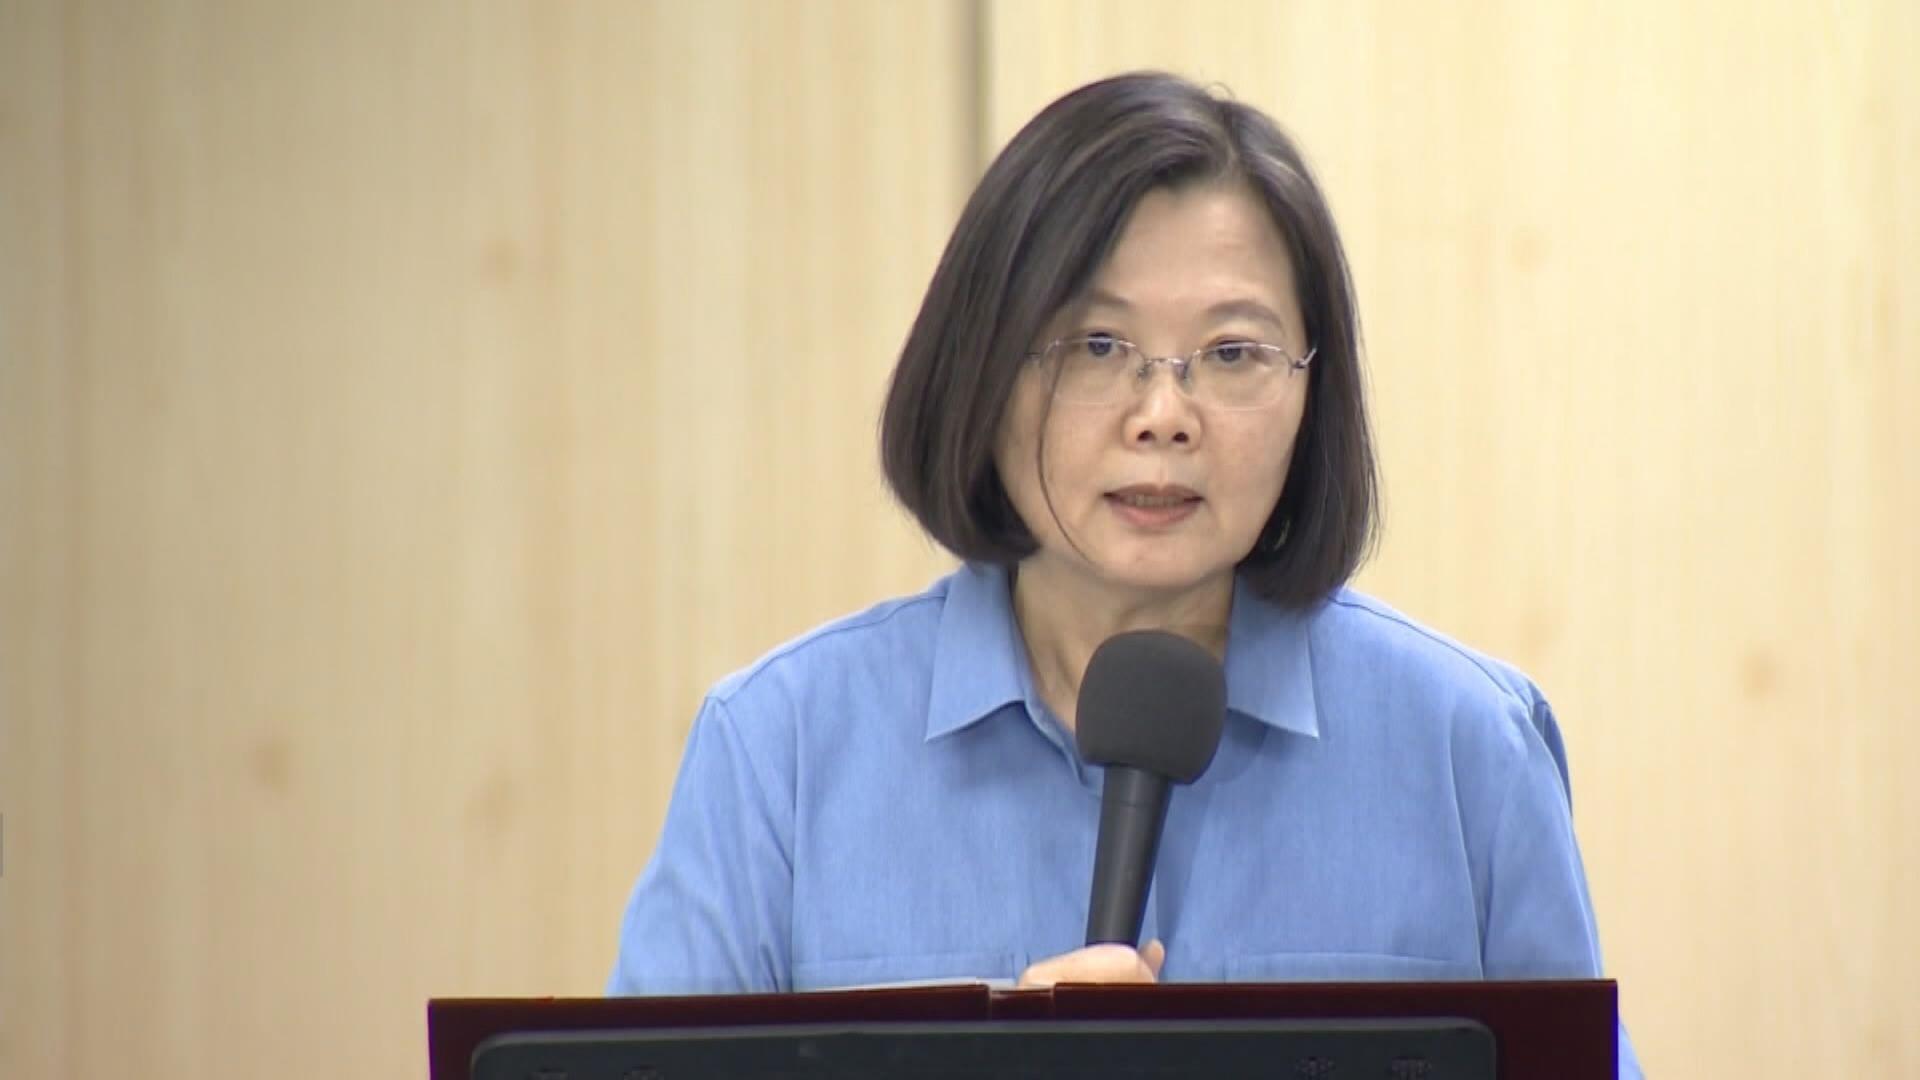 蔡英文:港區國安法通過證一國兩制不可行